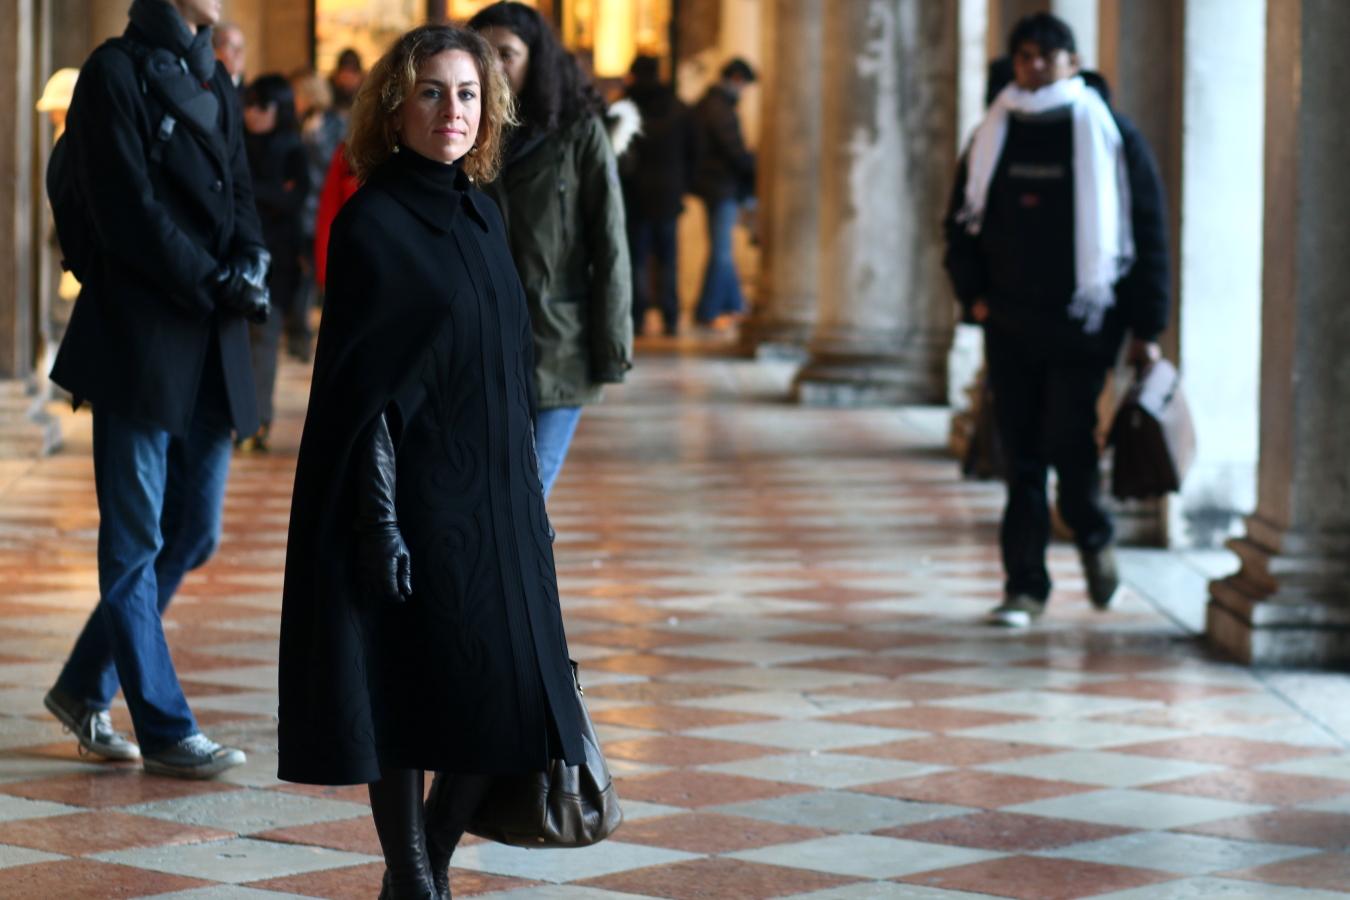 diari-web-venice-resolutions-by-The-Italian-Glam-mantella-Alberta-Ferretti-guanti-Unsigned-stivali-Unsigned-piazza-San-Marco-Venezia